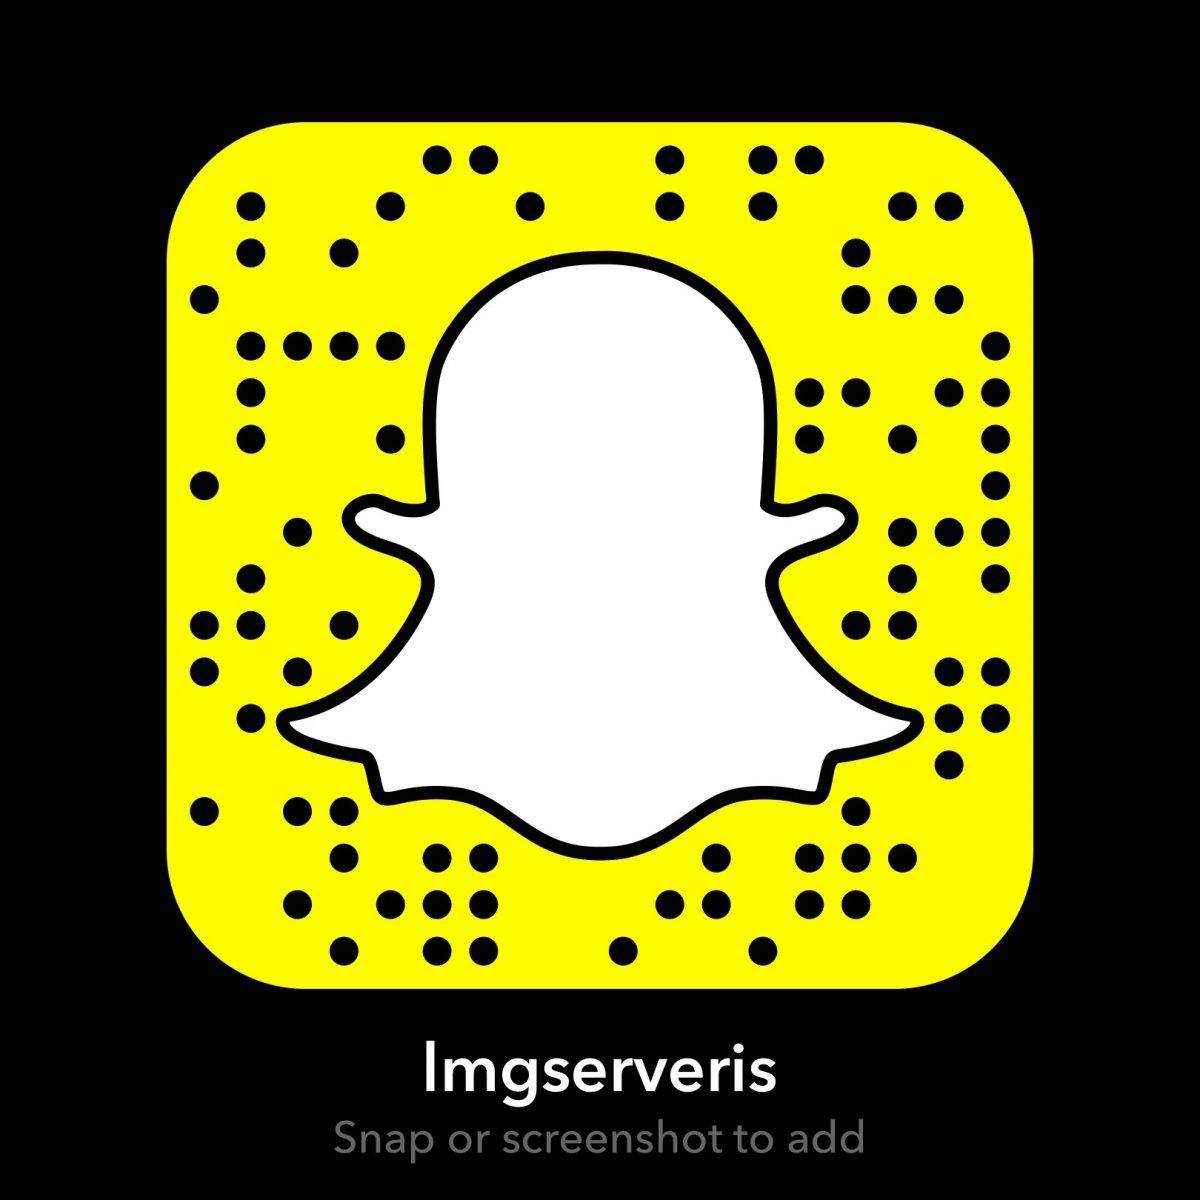 LMG Snapchat